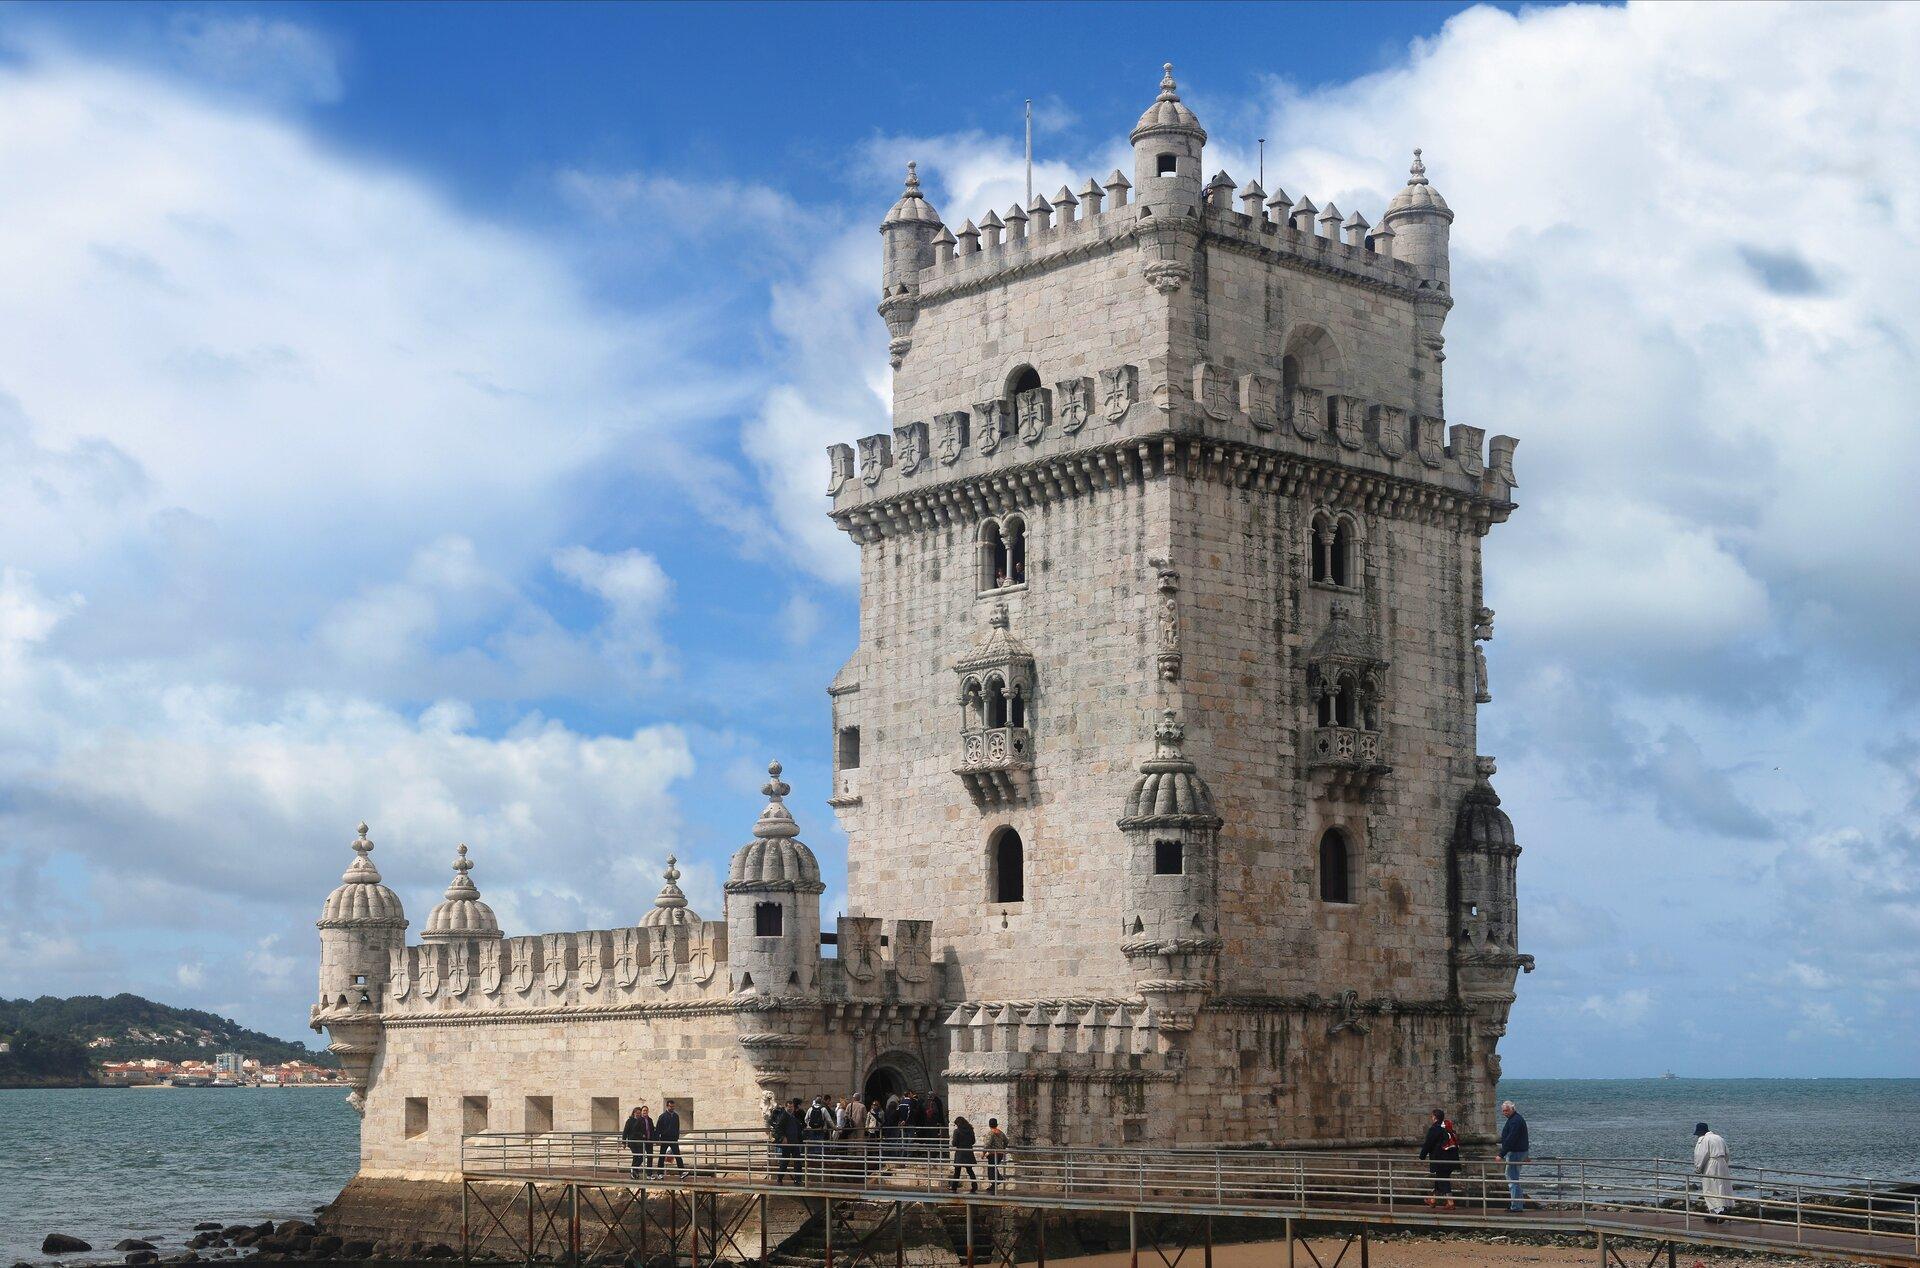 Wieża wBelém – portowej dzielnicy Lizbony. Widok od wschodu Wieża wBelém – portowej dzielnicy Lizbony. Widok od wschodu Źródło: Alvesgaspar, Wikimedia Commons, licencja: CC BY-SA 3.0.